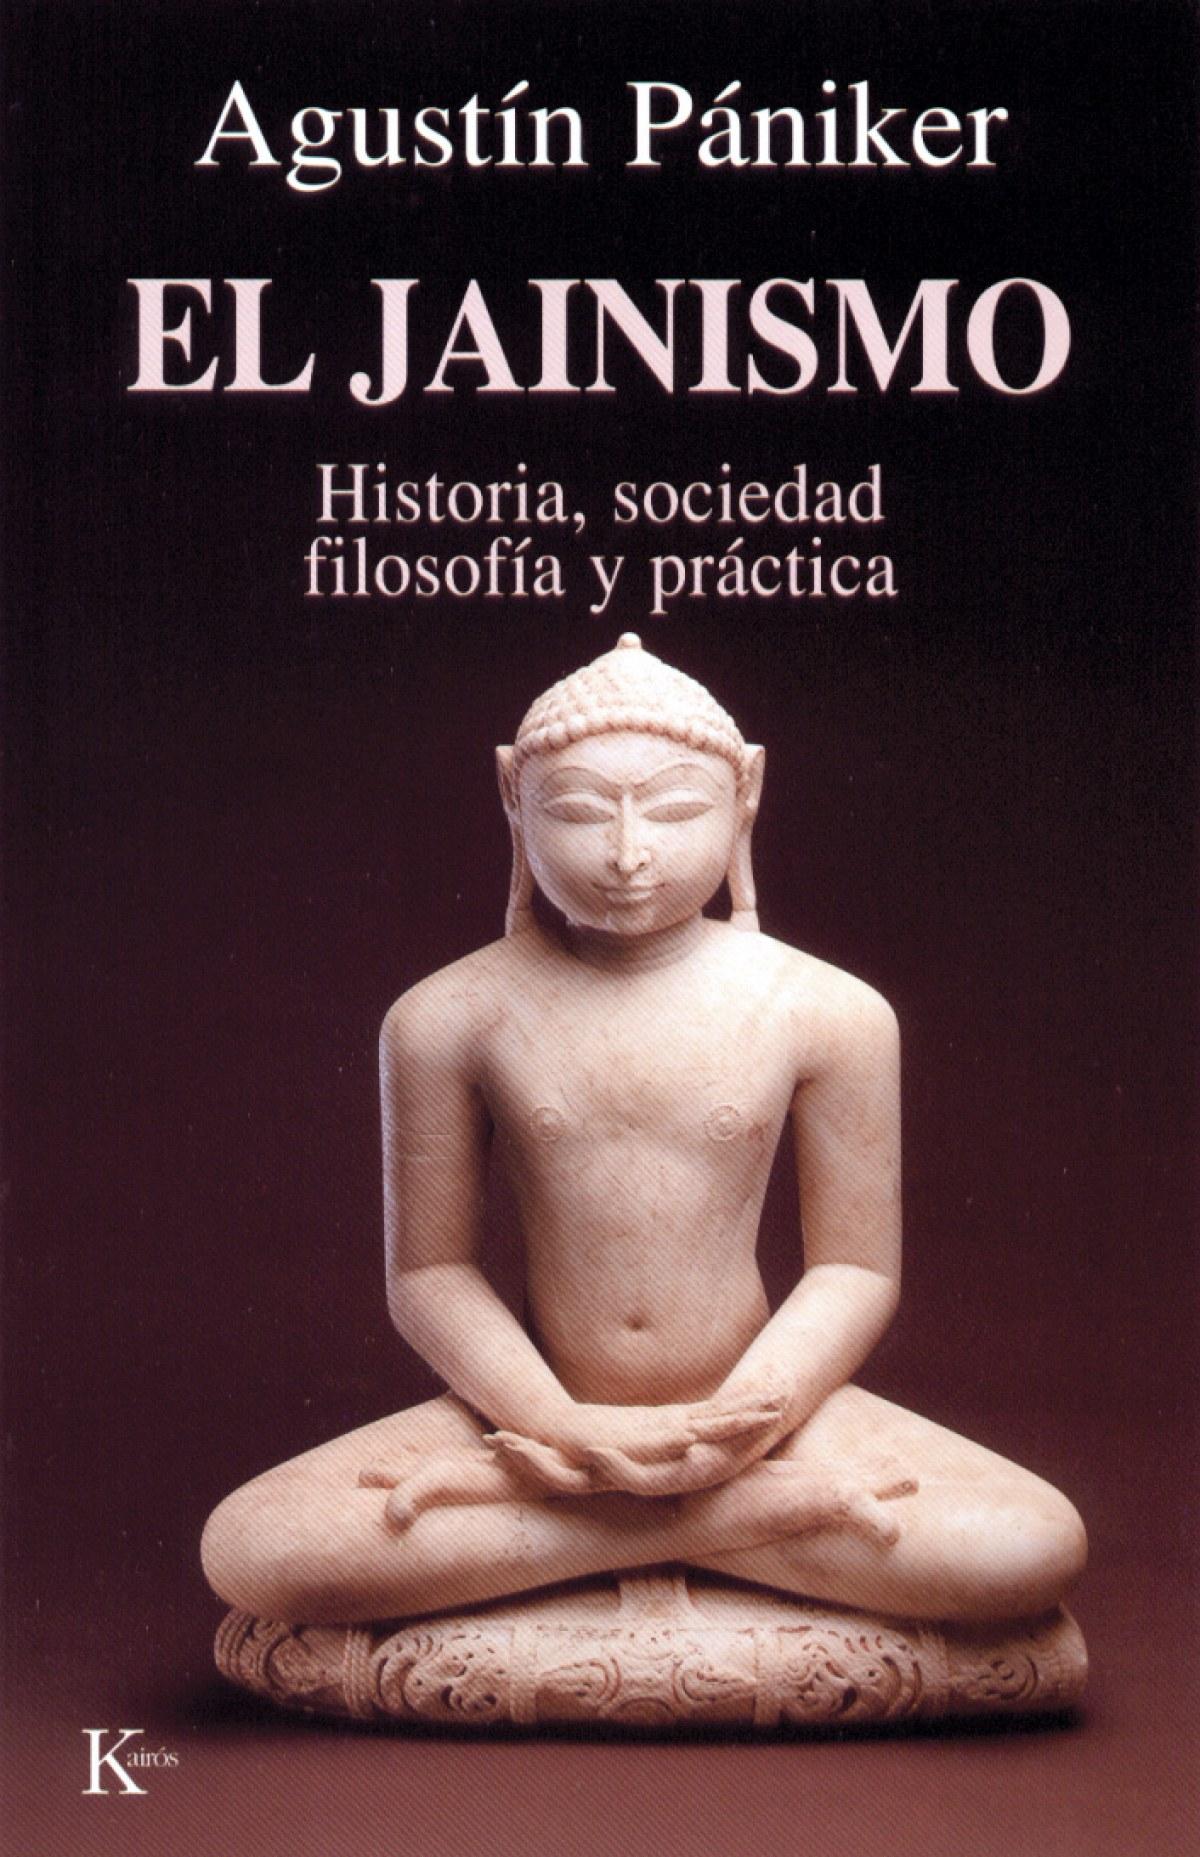 Jainismo:historia sociedad filosof¡a y practica 9788472454842